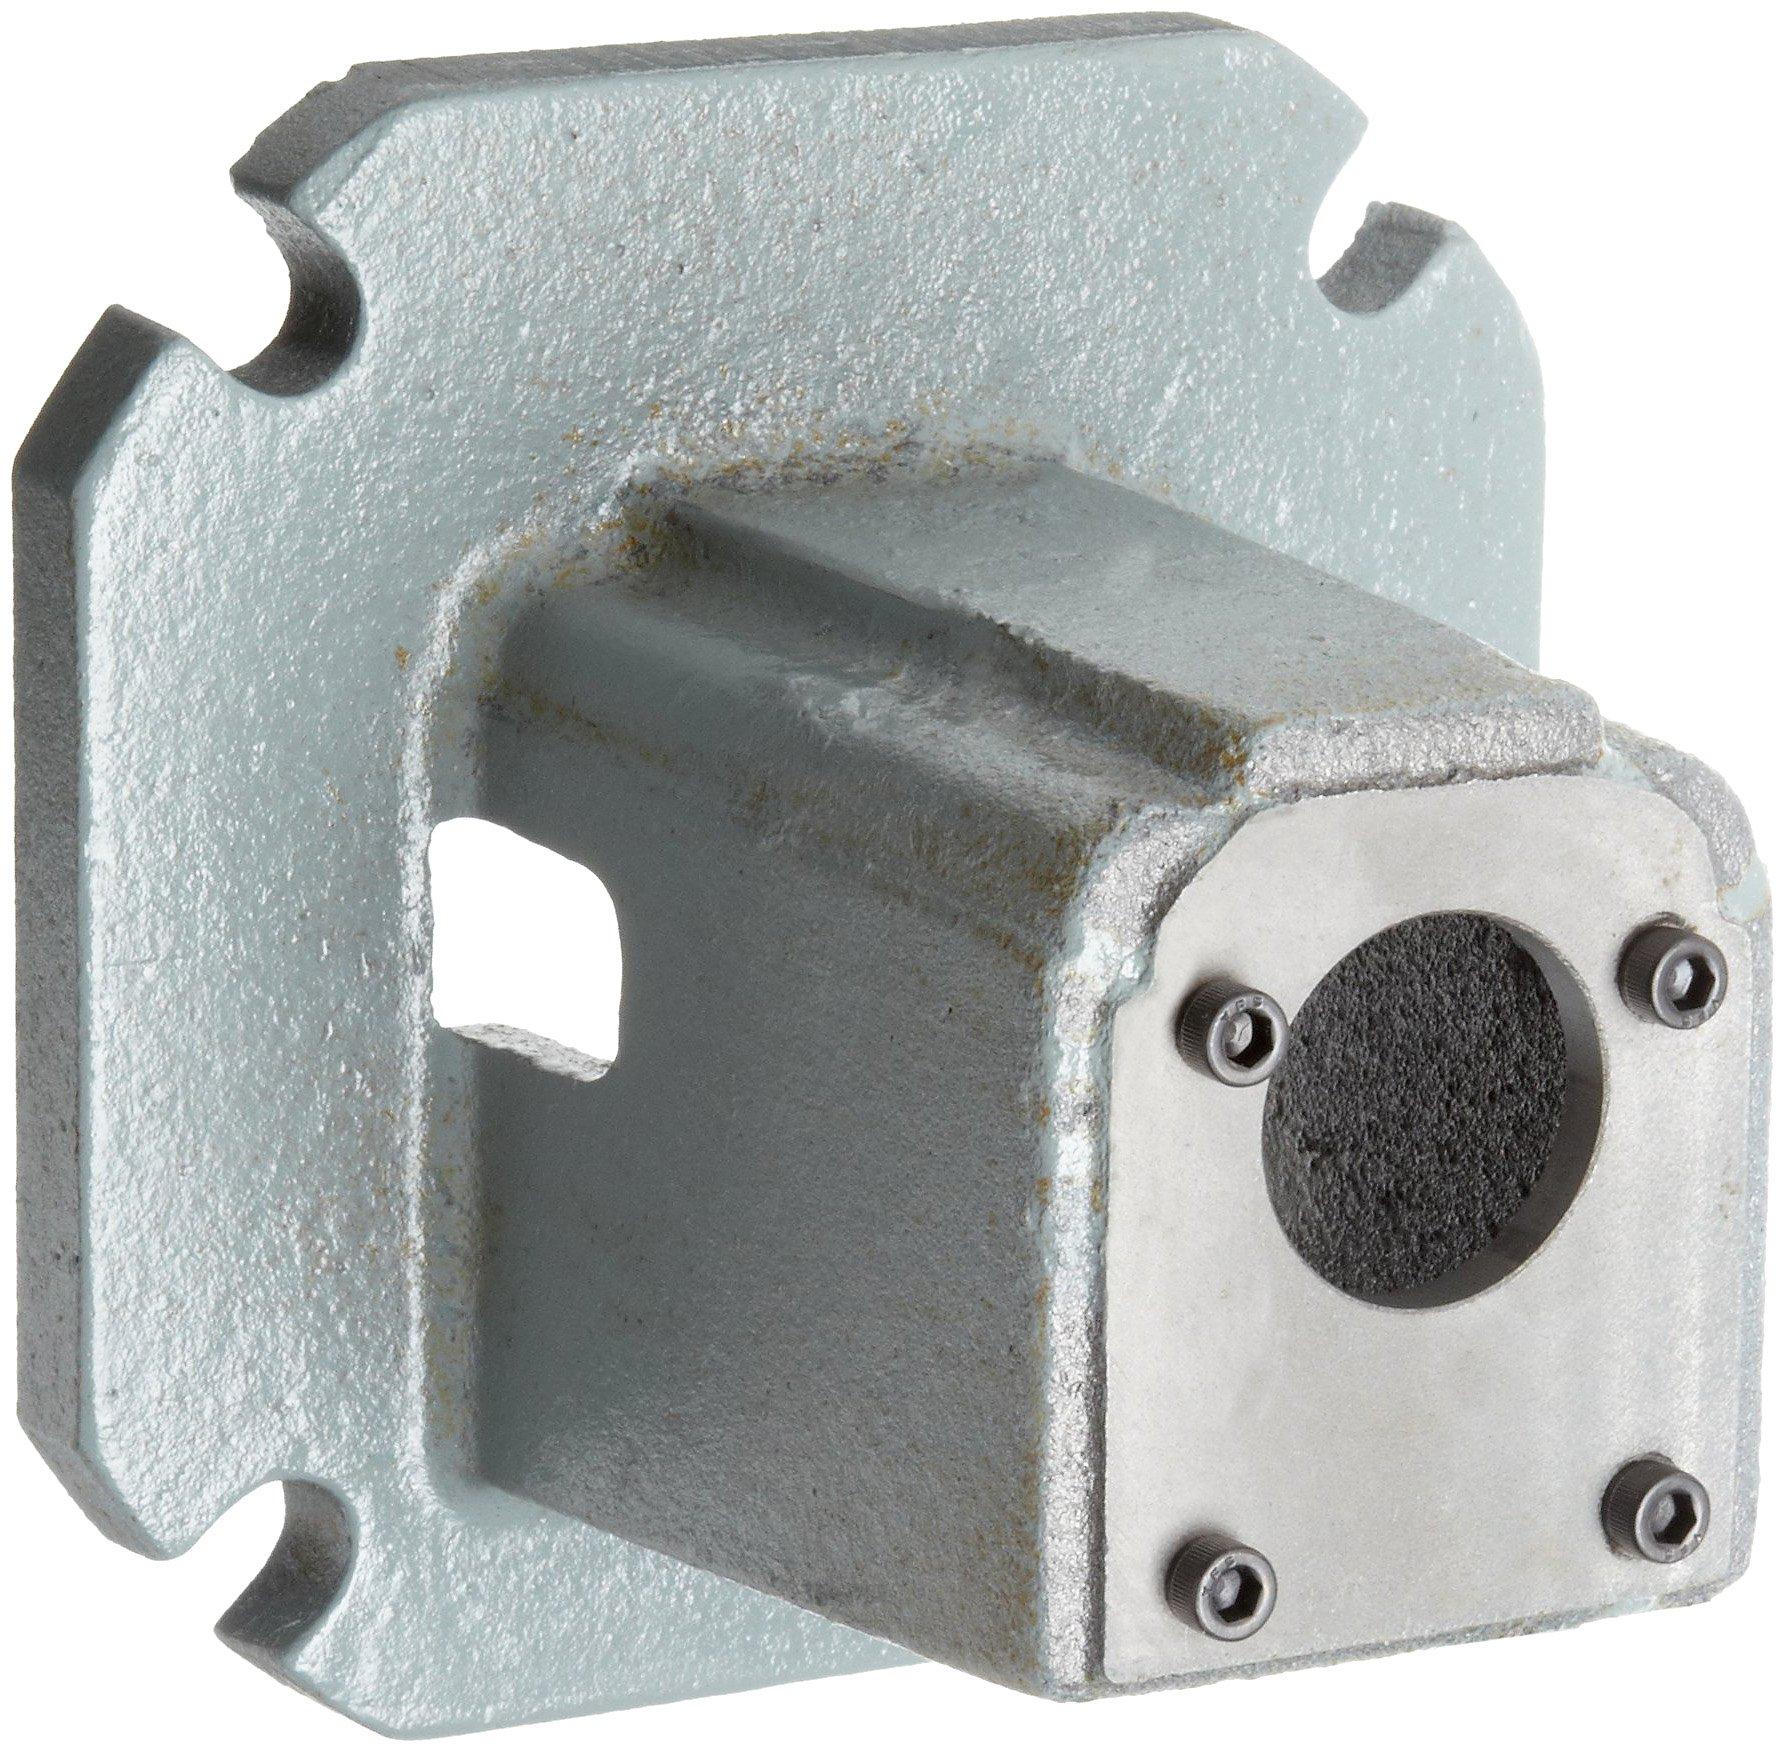 BSM Pump 715-1-300-10 Model P543 Nema 56 C Face For PFG Pump